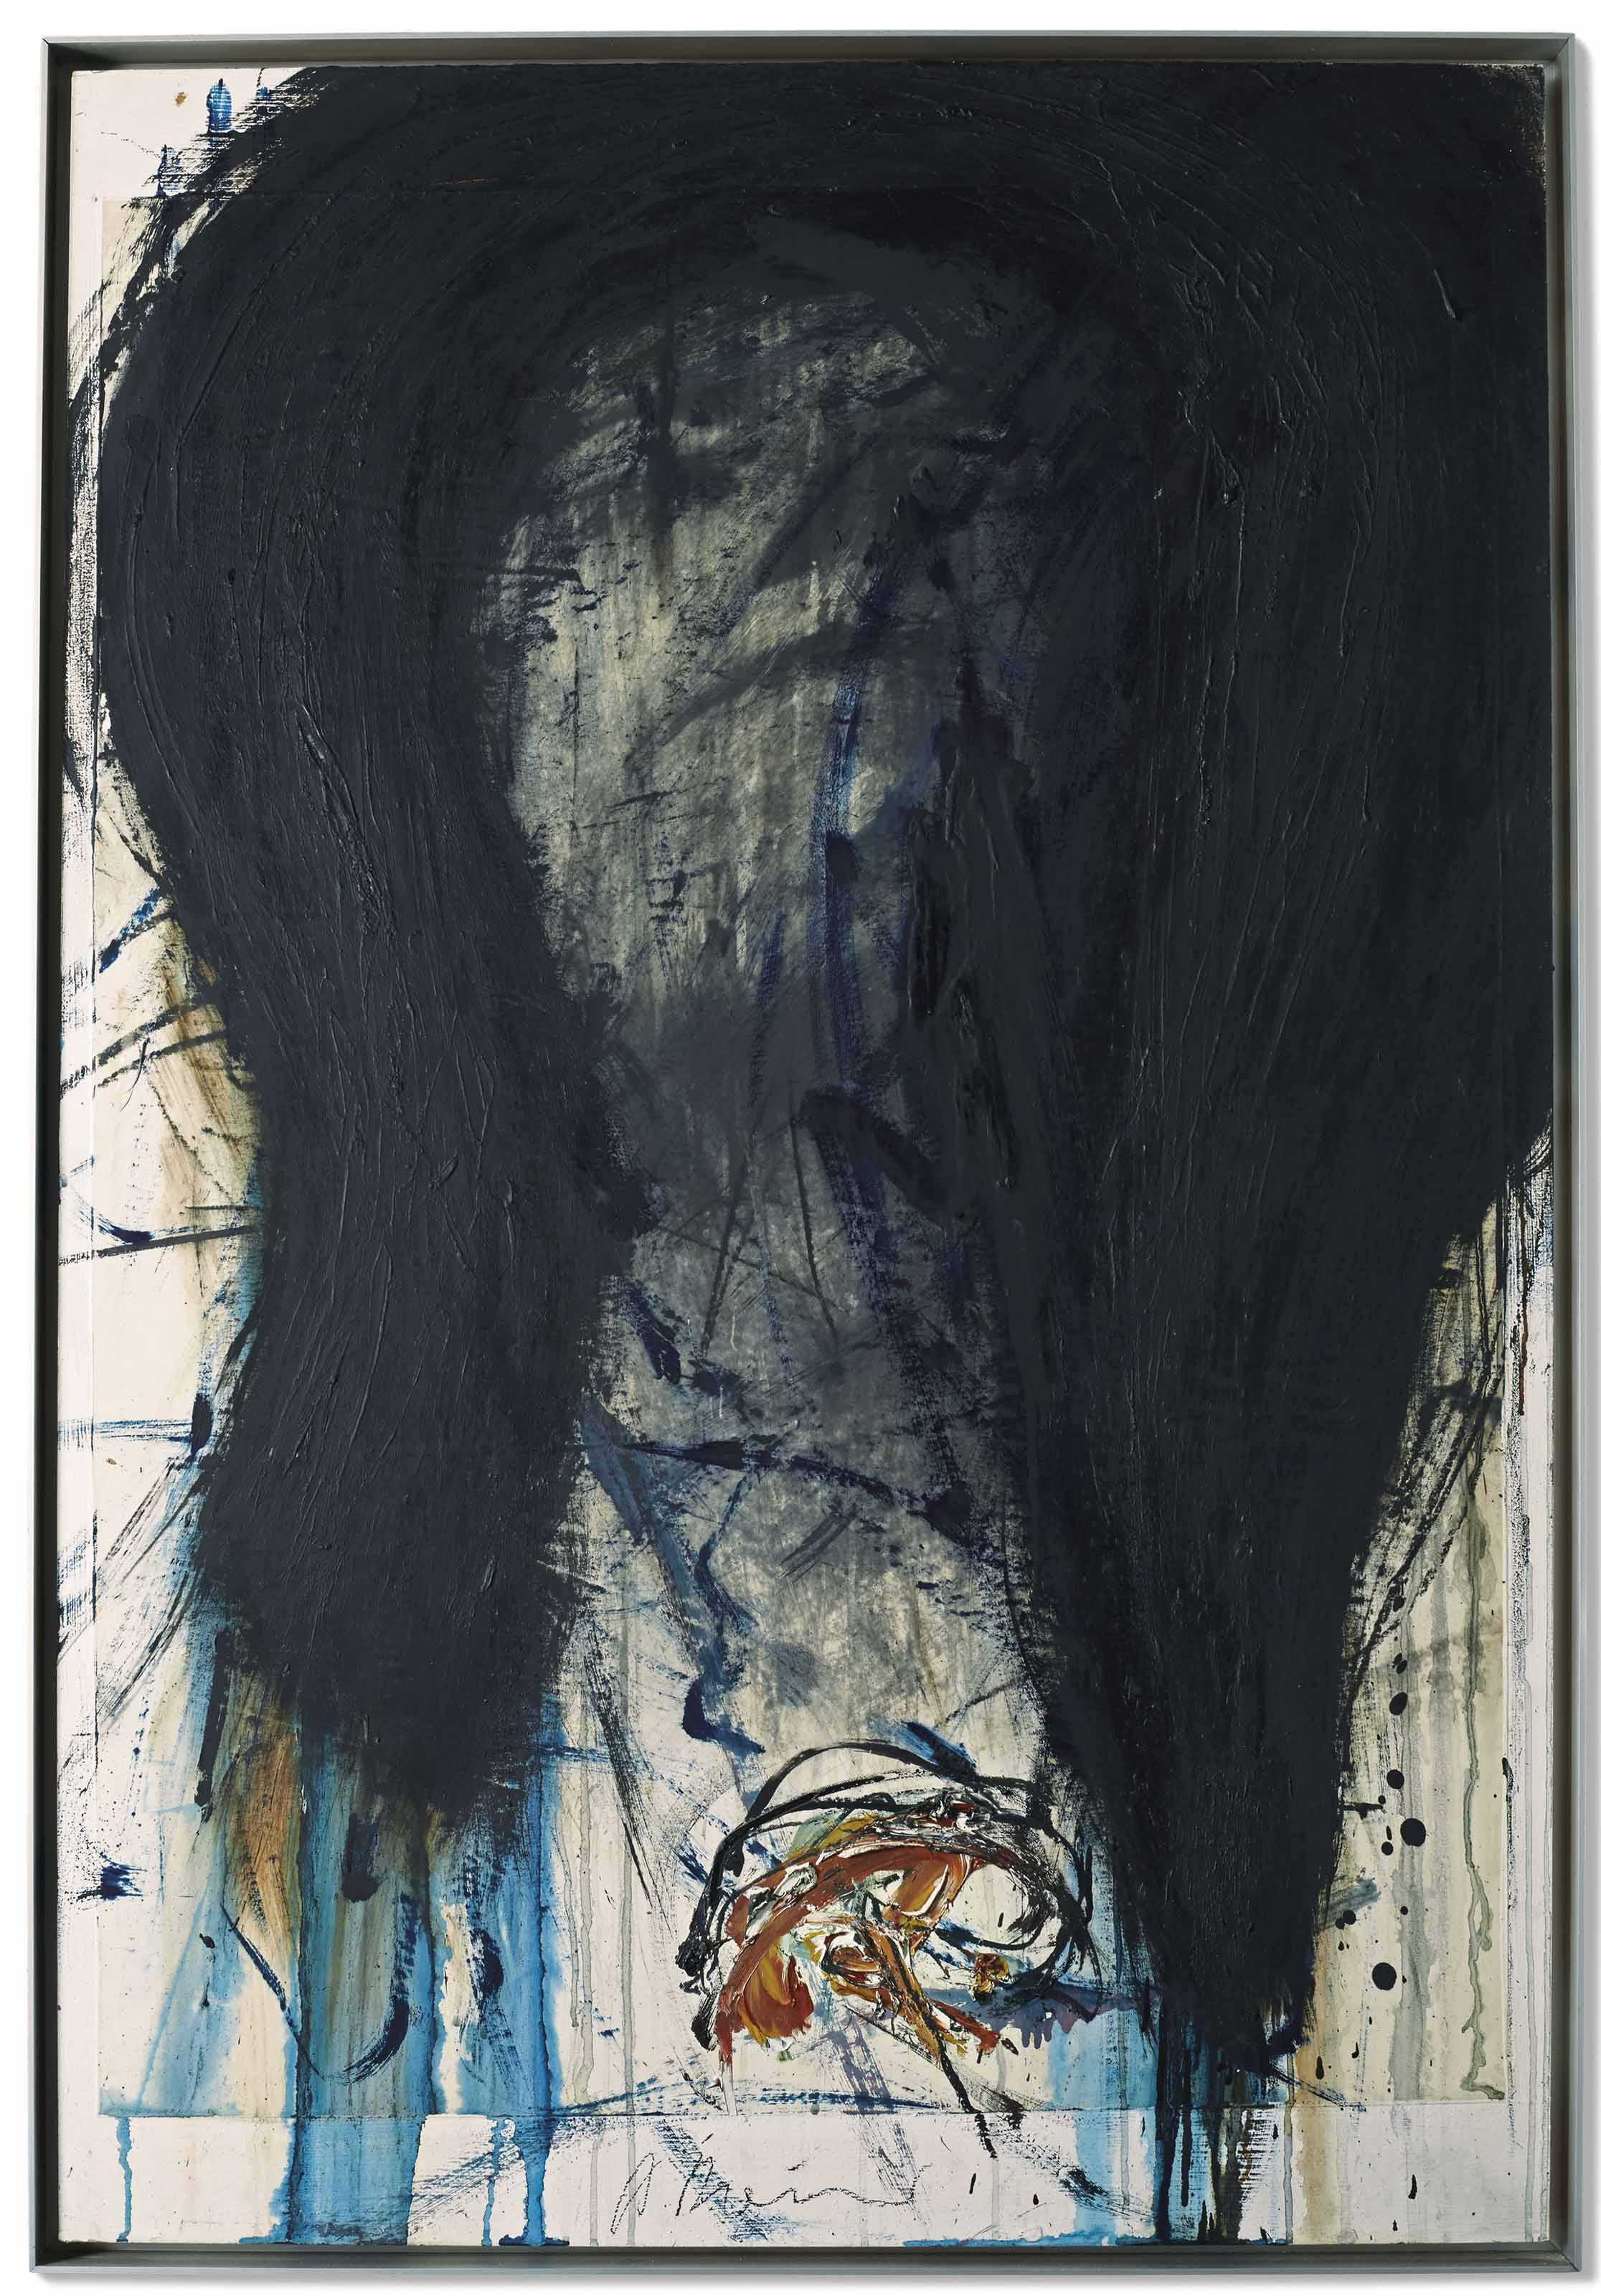 Death Mask (Gustave Mahler)